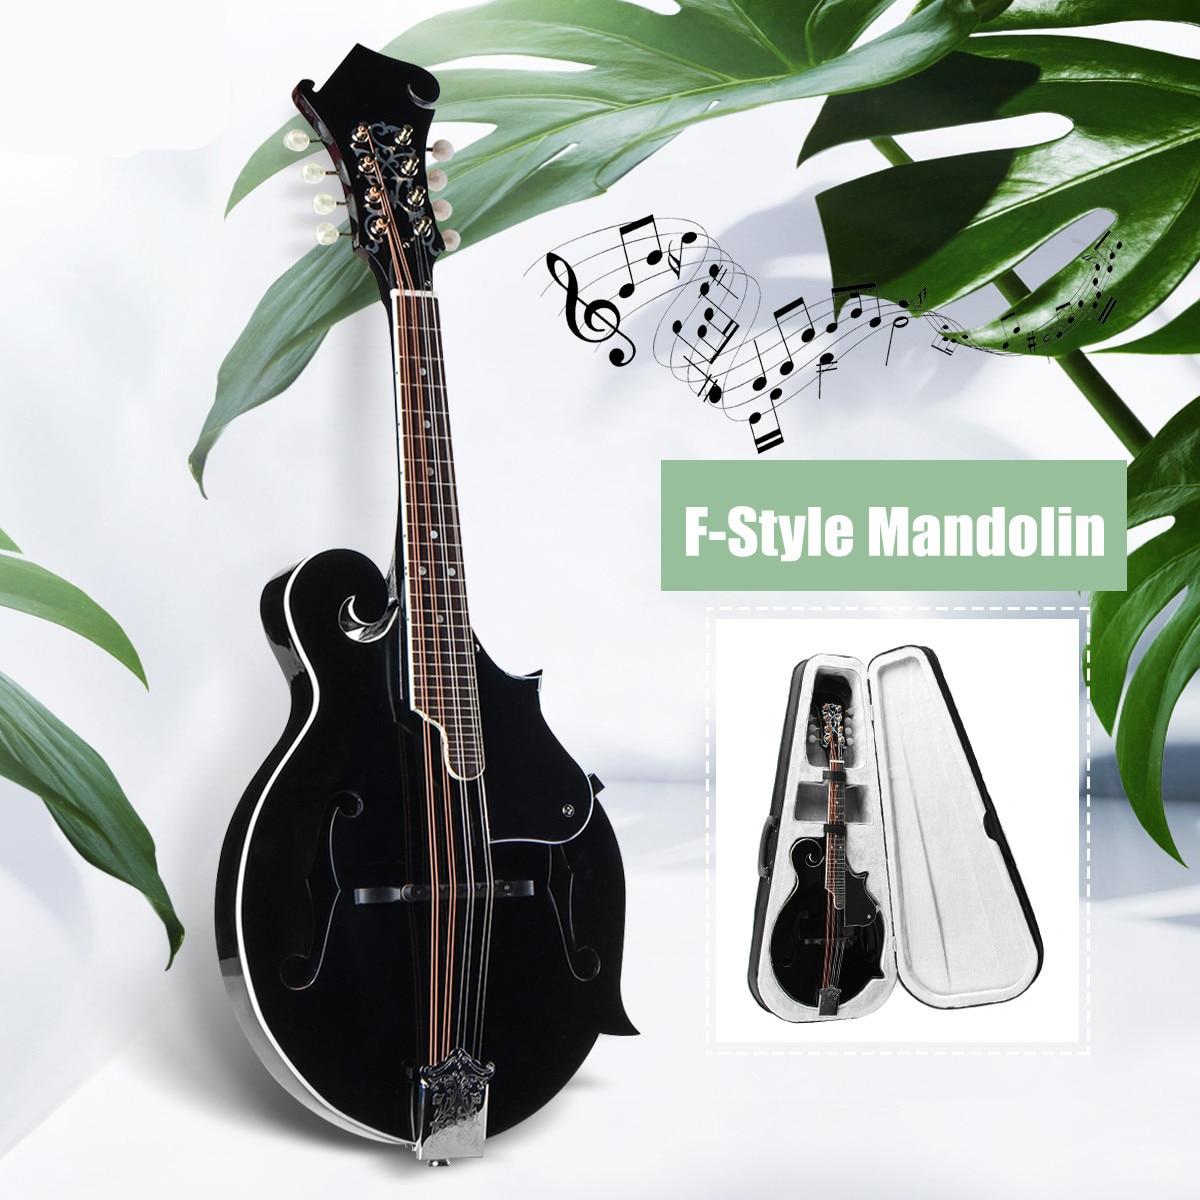 SENRHY F Stile 8 Corde Nero Mandolino Con Corda di Acciaio In Legno di Palissandro Ponte Regolabile Strumento di Musica Con Il Sacchetto E 2 Picks